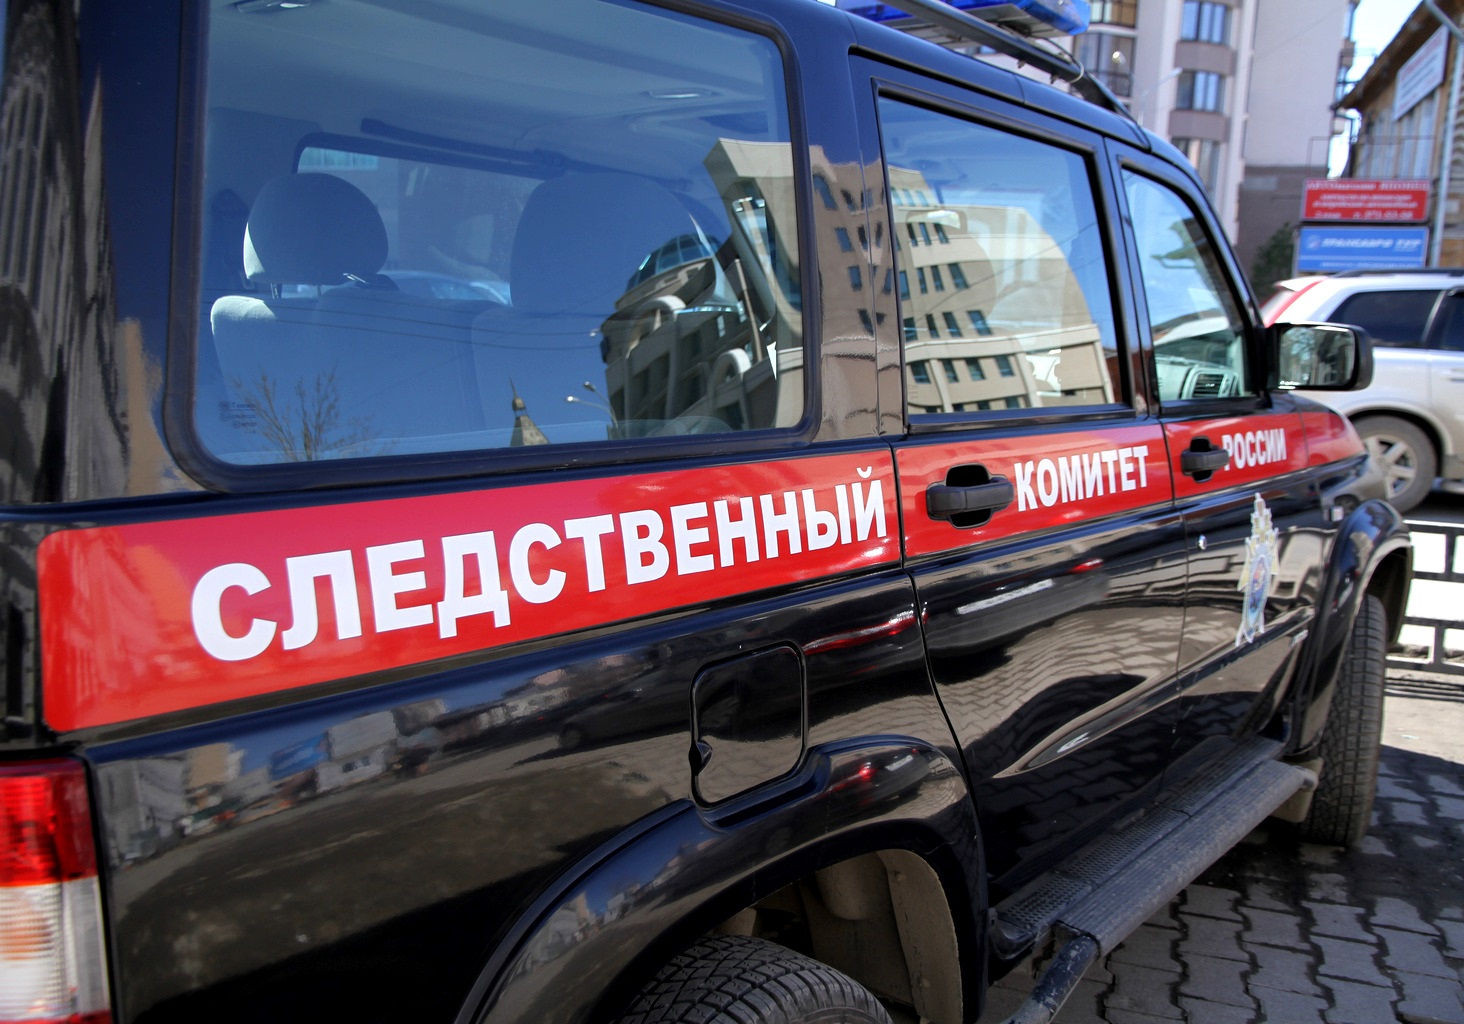 Гражданин Североуральска устроил резню вквартире соседей, которые мешали спать его ребенку